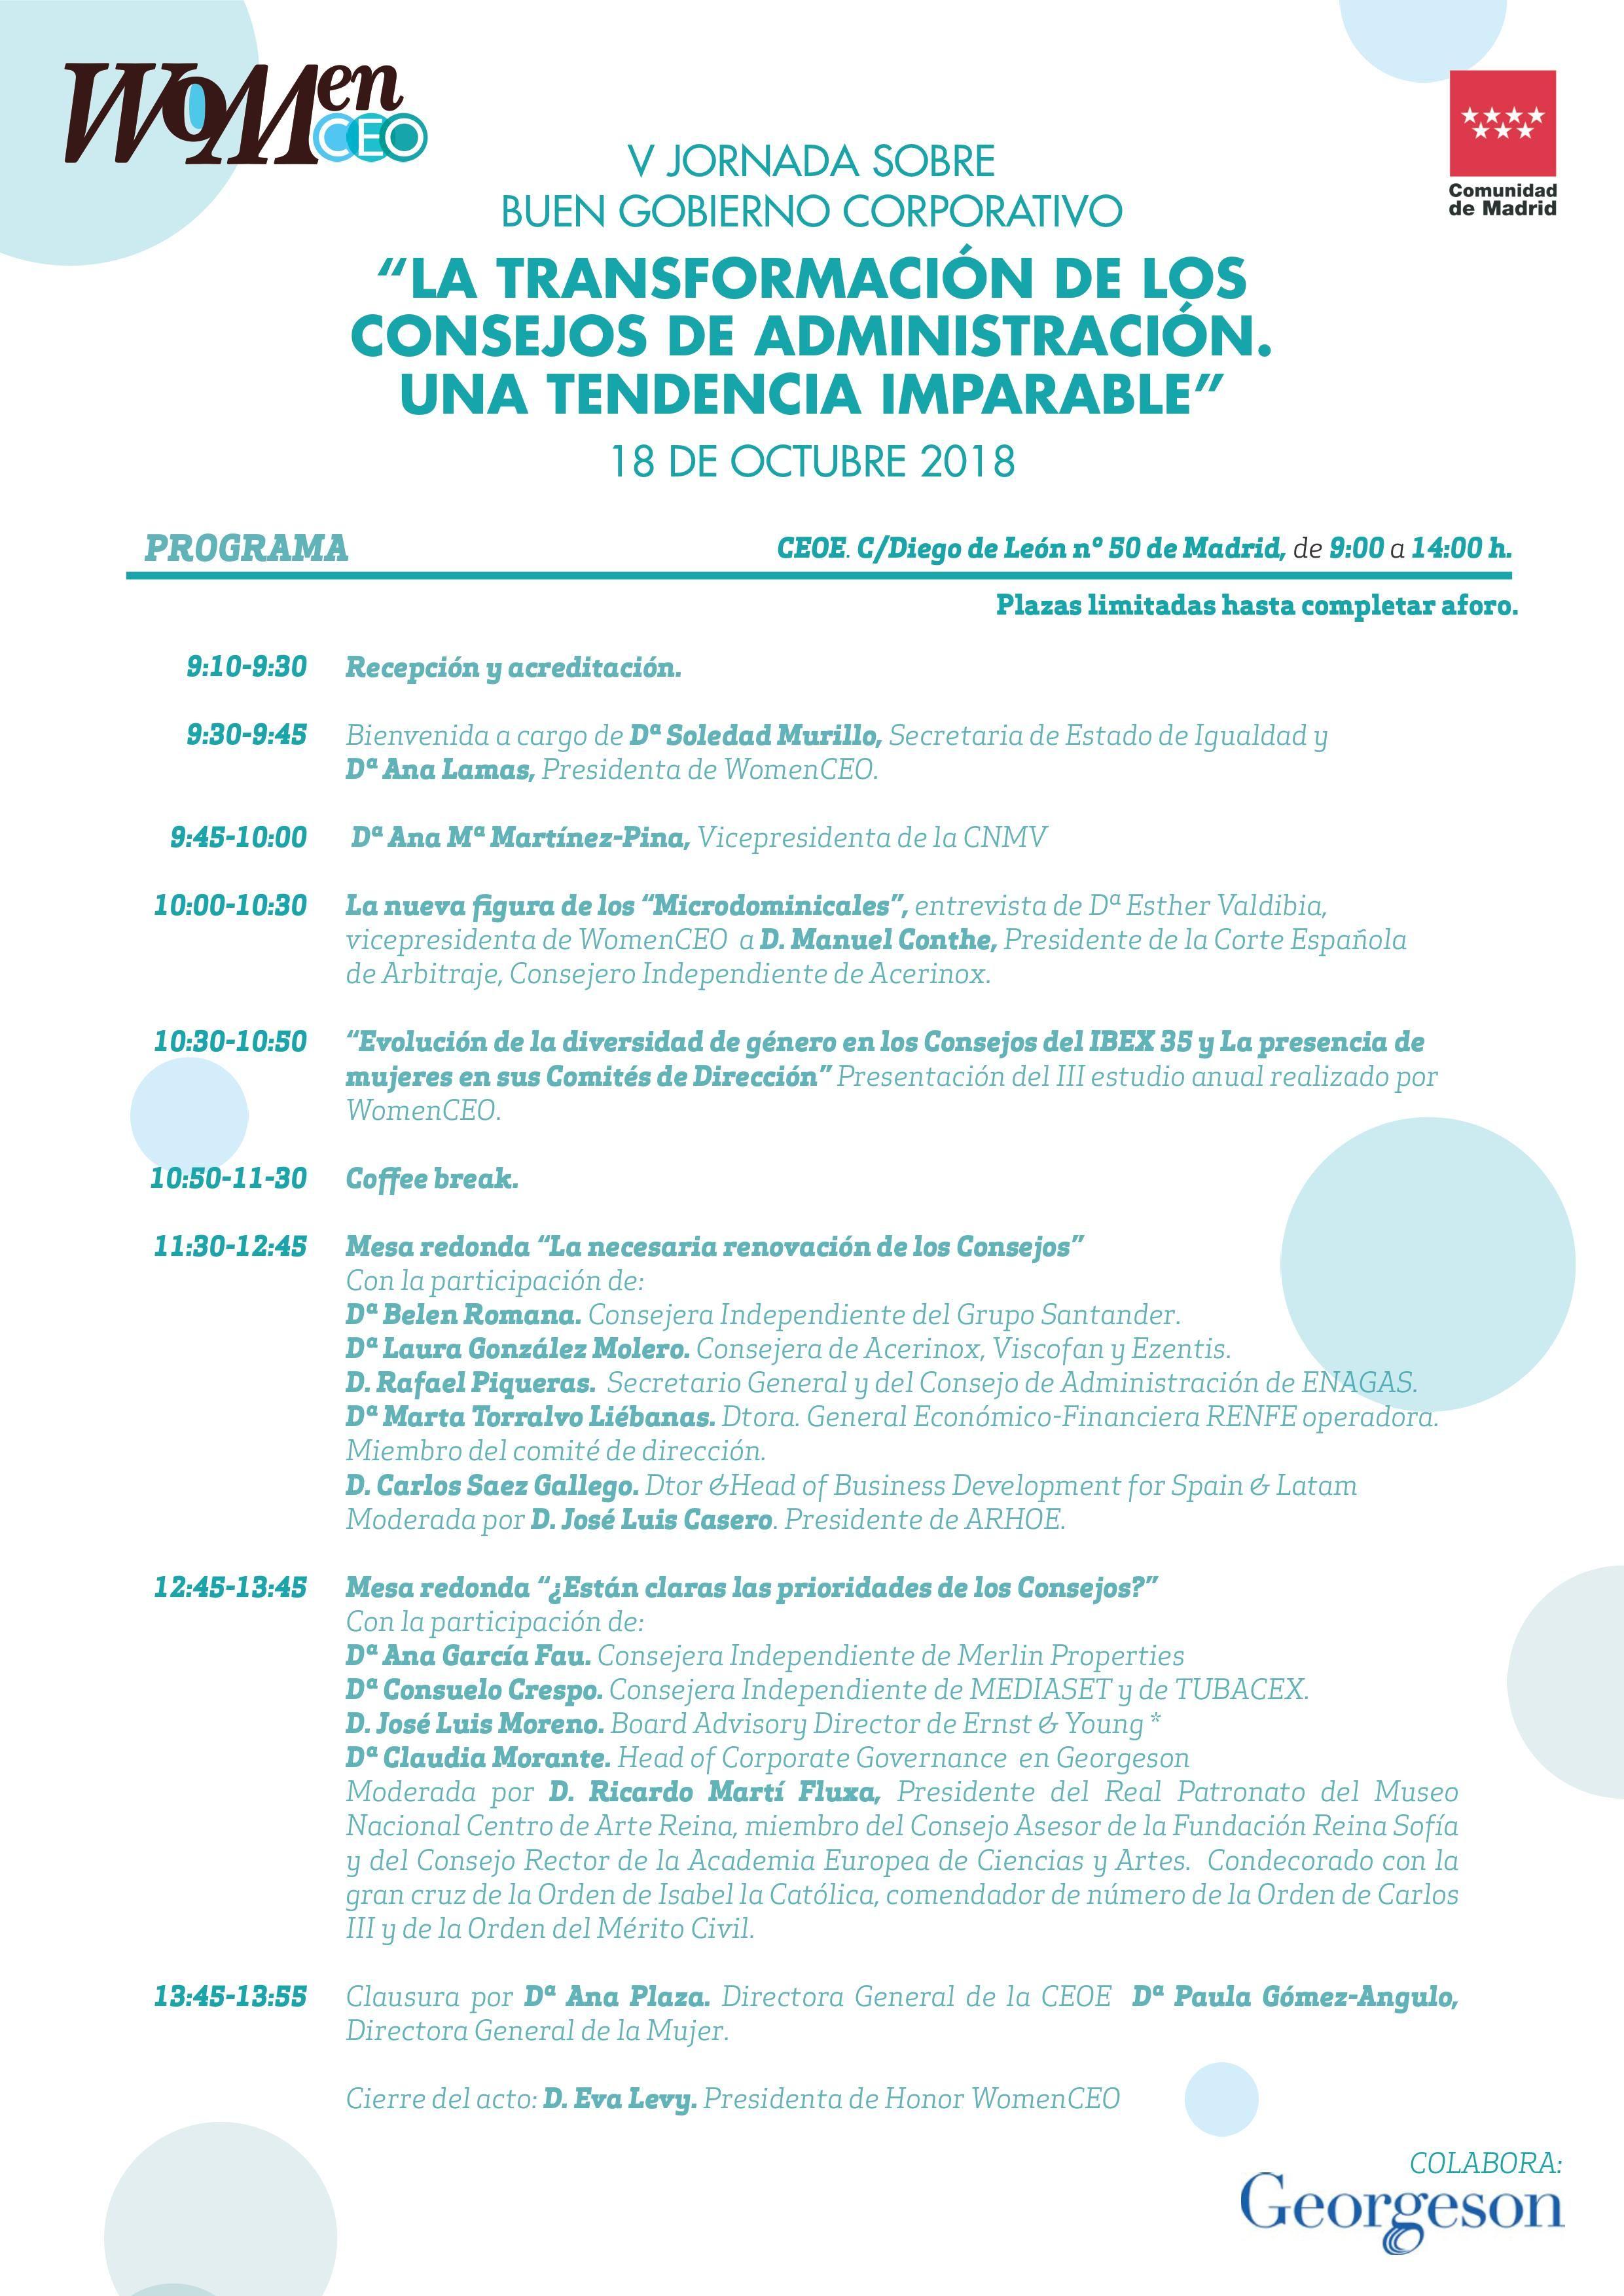 V Jornadas sobre Buen Gobierno Corporativo organizadas por Comunidad de Madrid y WomenCEO